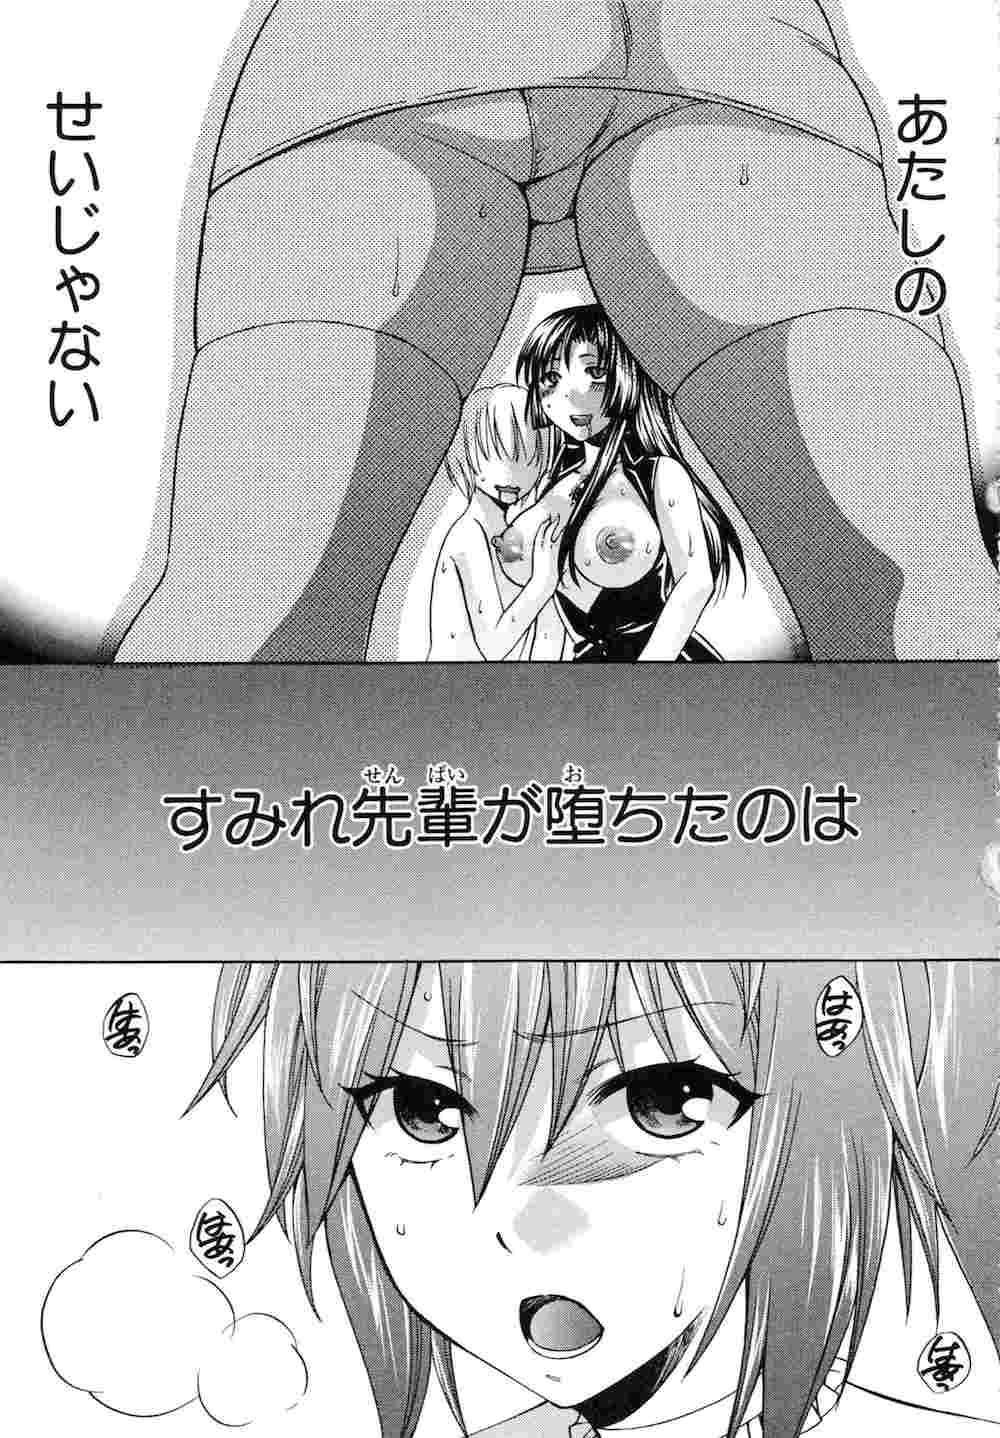 【エロ同人・エロ漫画】強がりの女戦士が強がりのために敵とセックスして堕ちちゃうwww